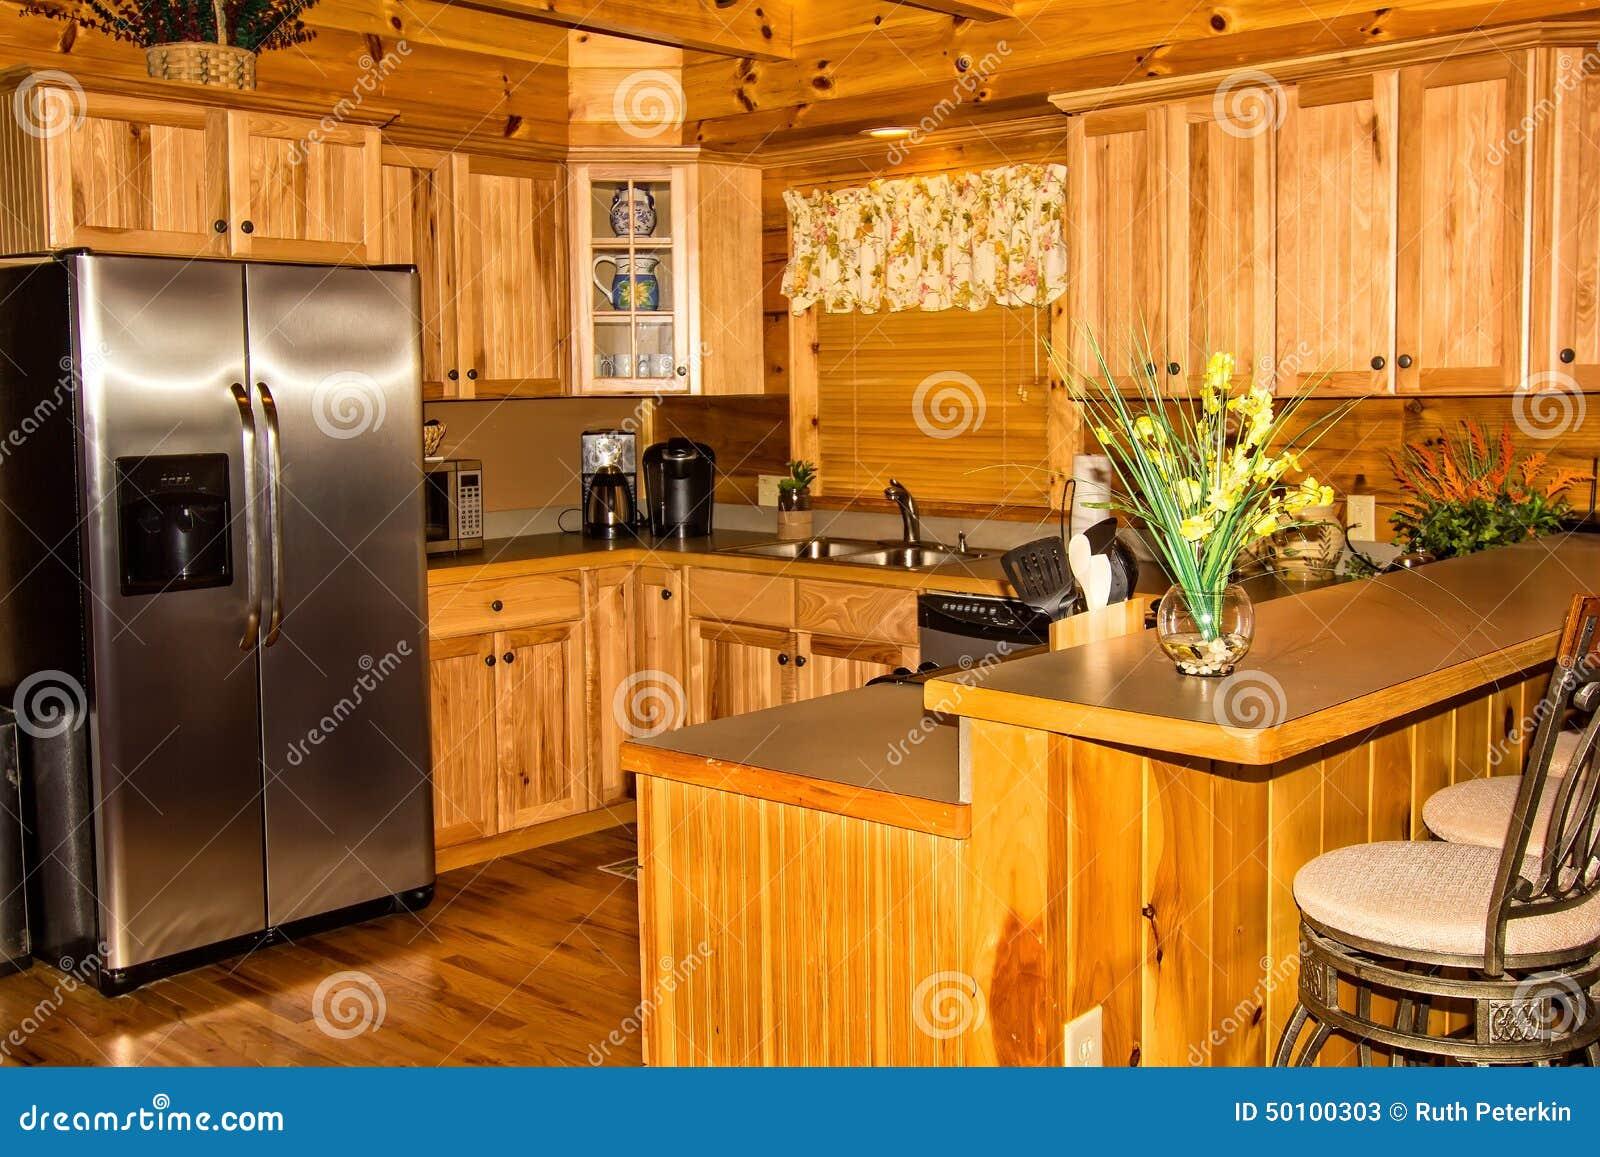 Küche in einem Blockhaus stockbild. Bild von zählwerk - 50100303